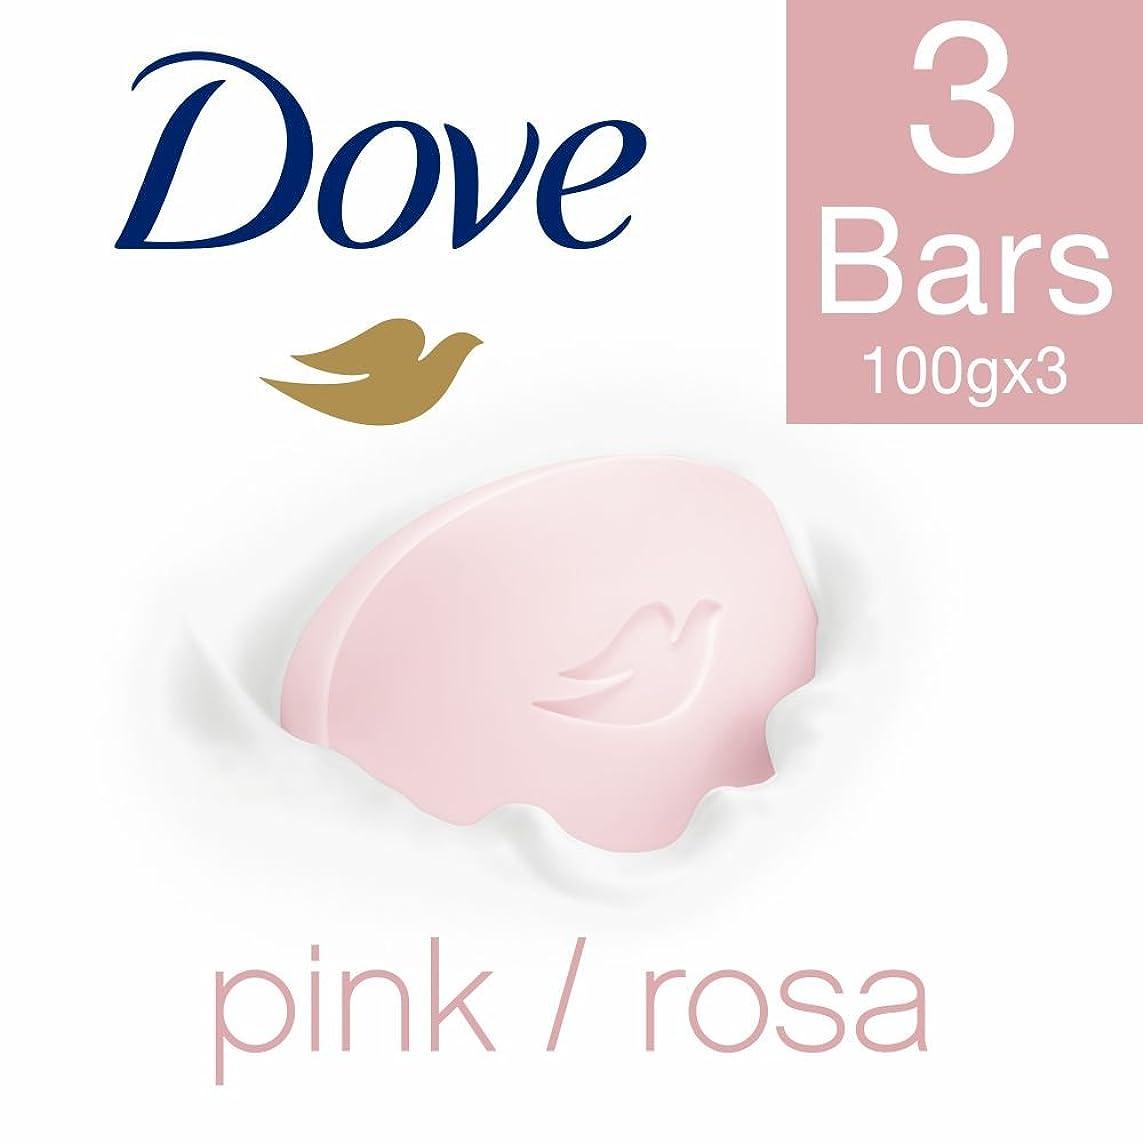 受け継ぐ残り物塗抹Dove Pink Rosa Beauty Bathing Bar, 100g (Pack of 3)